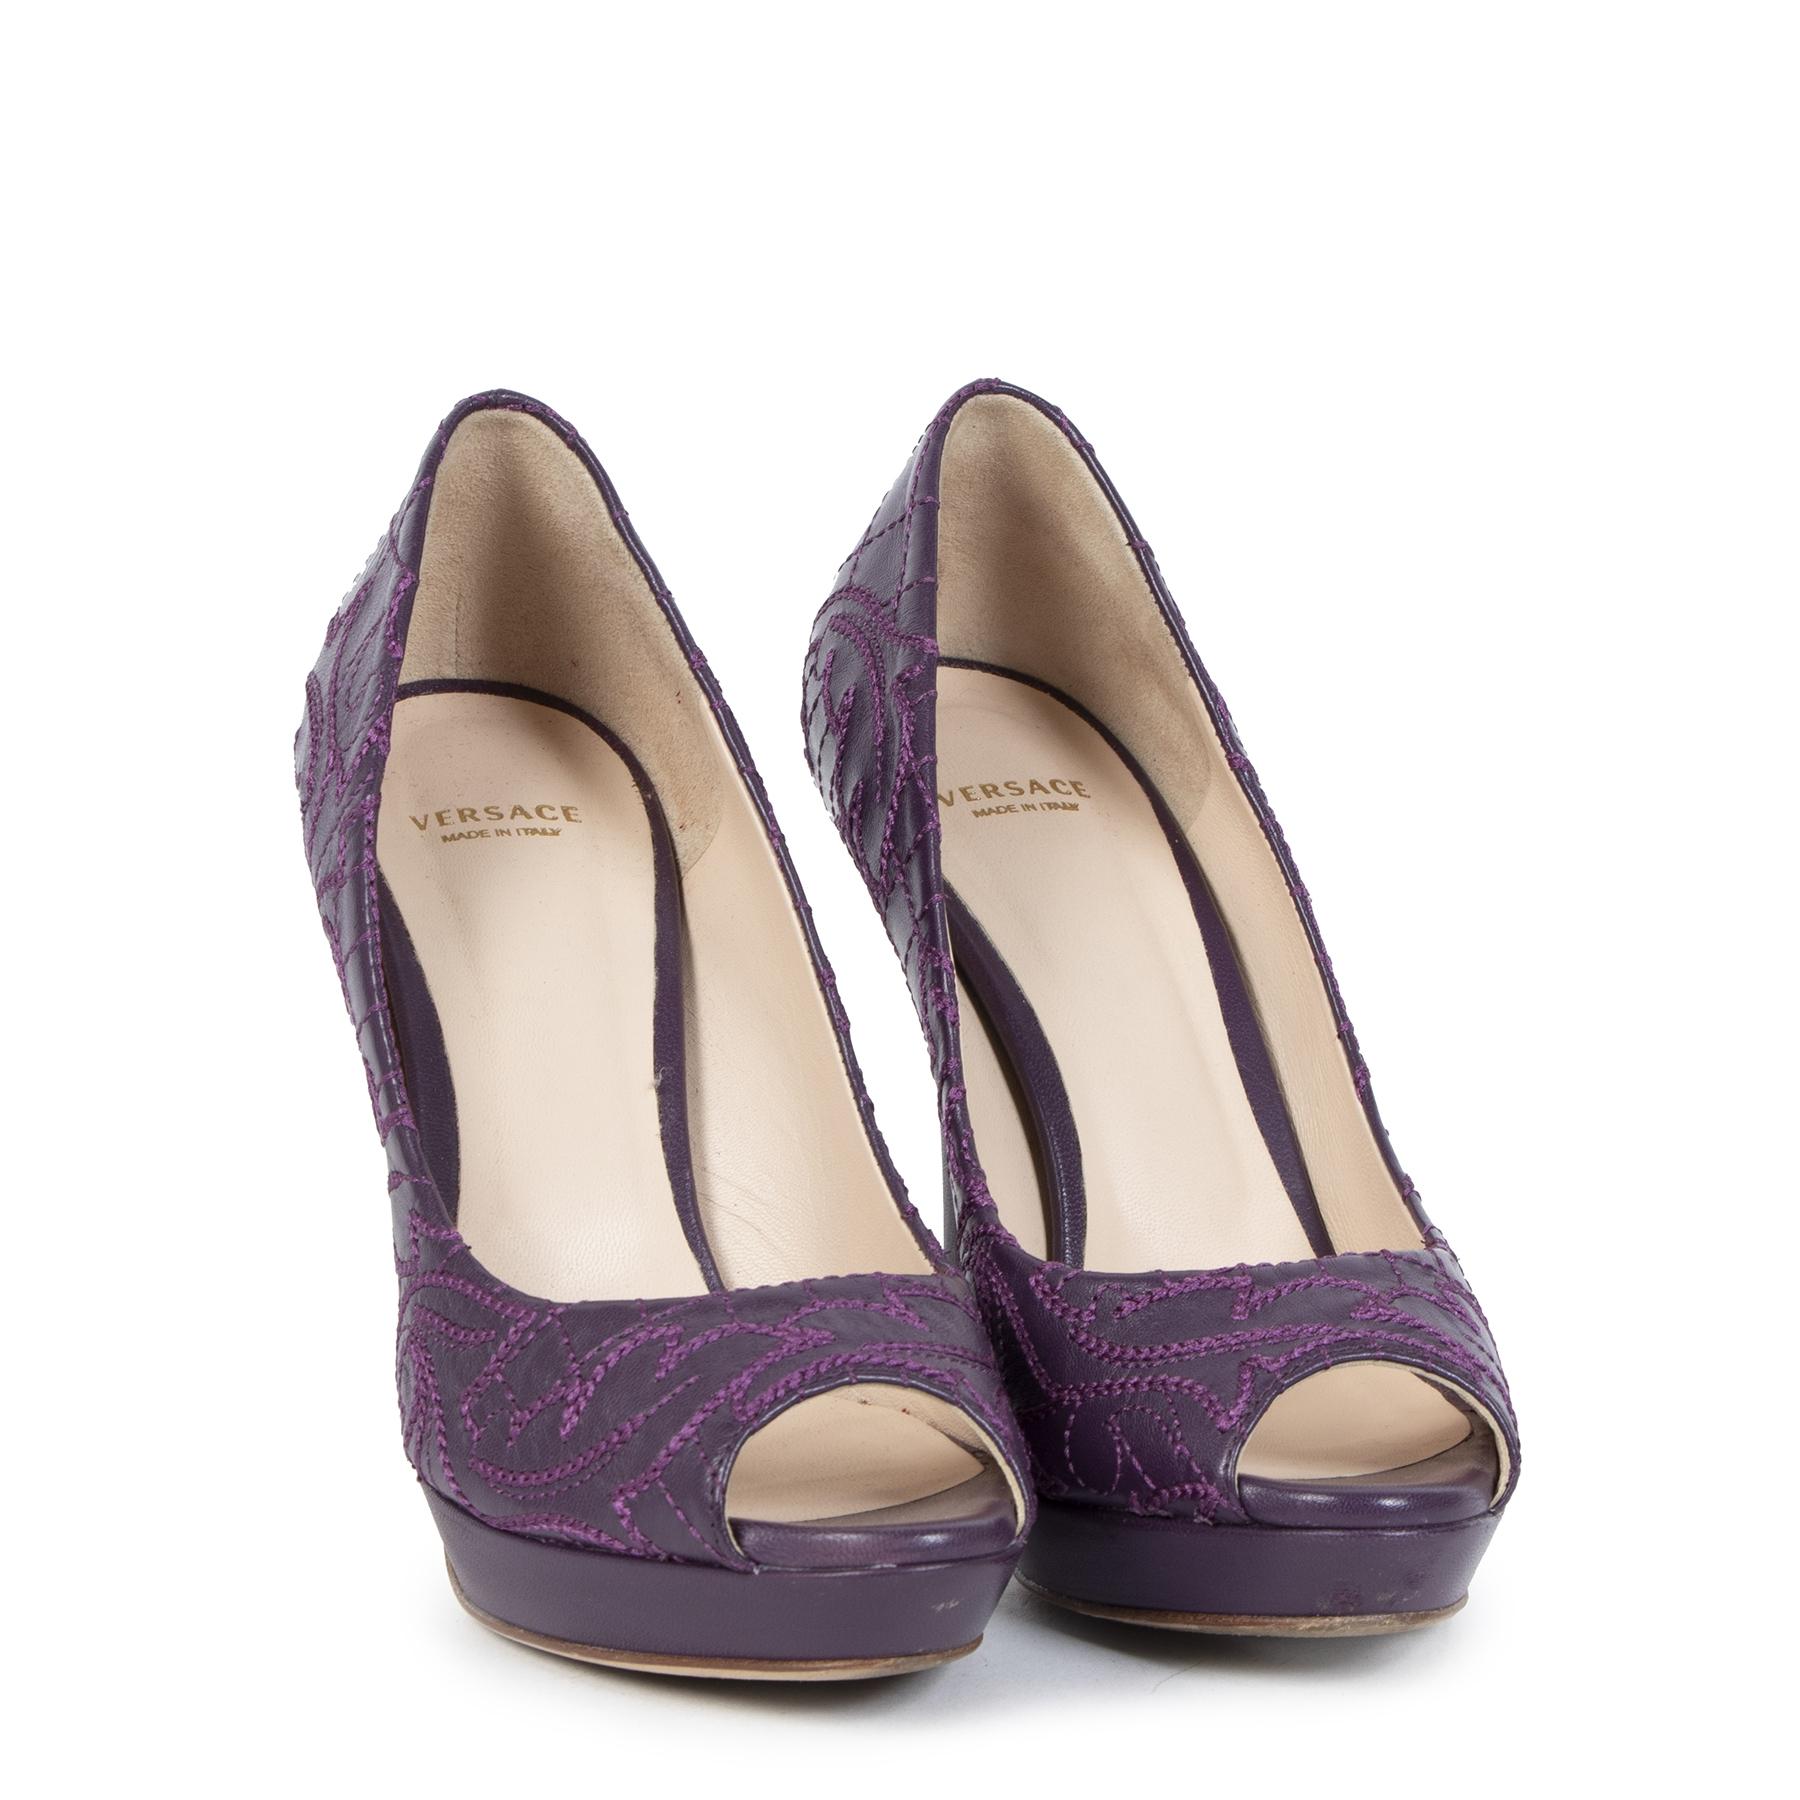 Koop tweedehands Versace Purple Embroidered Leather Peep Toe Platform Pumps - Size 37 aan de juiste prijs in alle veiligheid online bij LabelLOV Antwerpen België